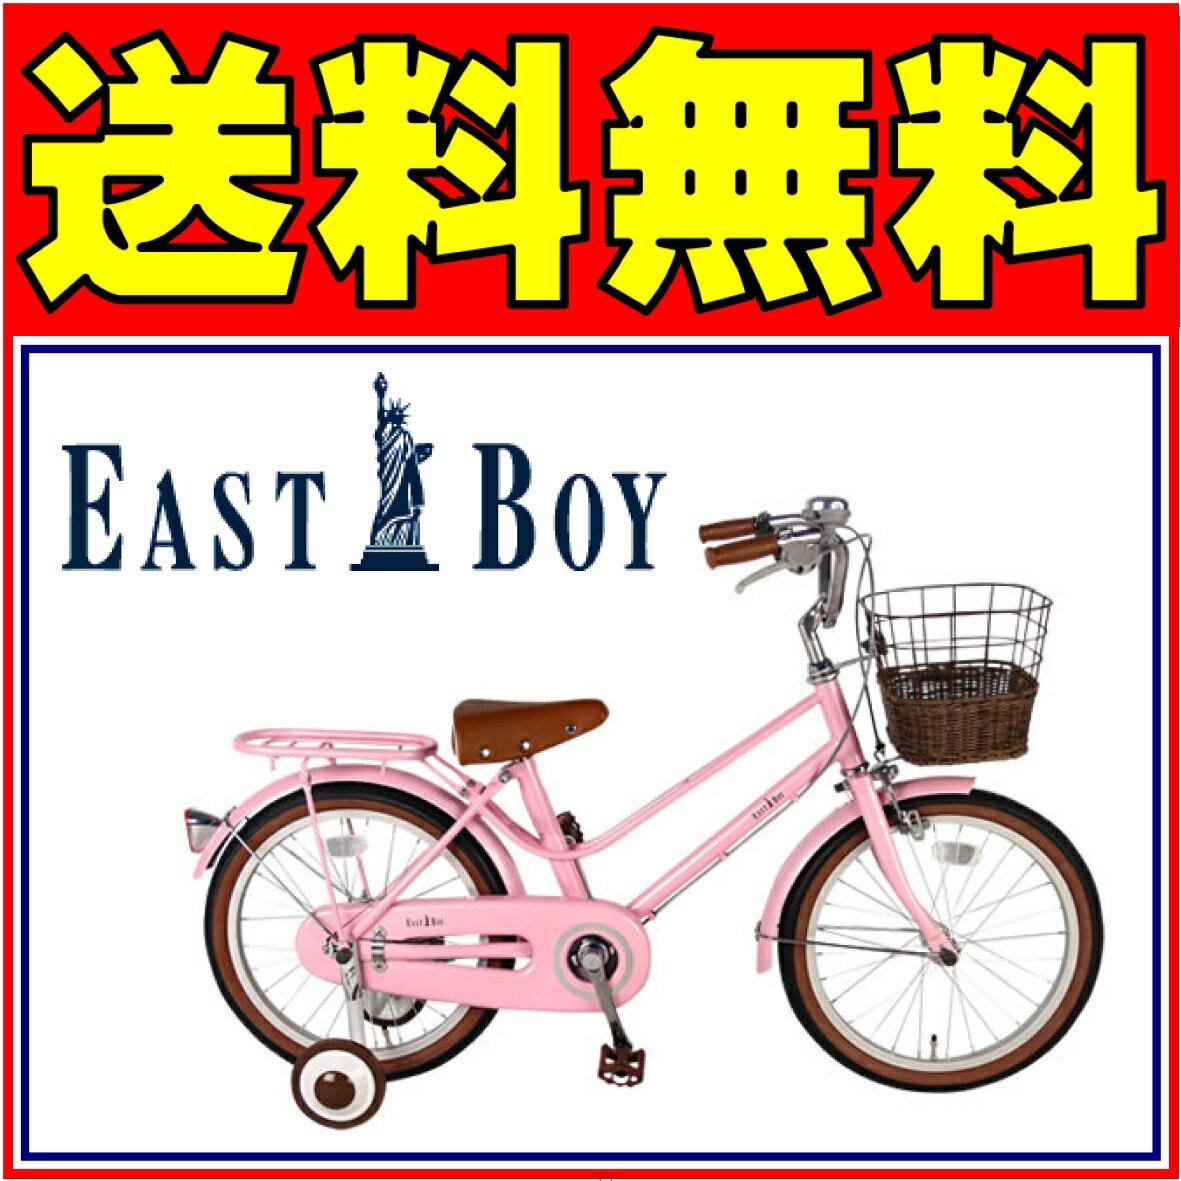 EASTBOY イーストボーイ 自転車 シティサイクル ピンク <大人かわいい>キッズ  16インチ 送料無料 イーストボーイ 自転車 女子 女の子 子ども用 子供 クリスマス